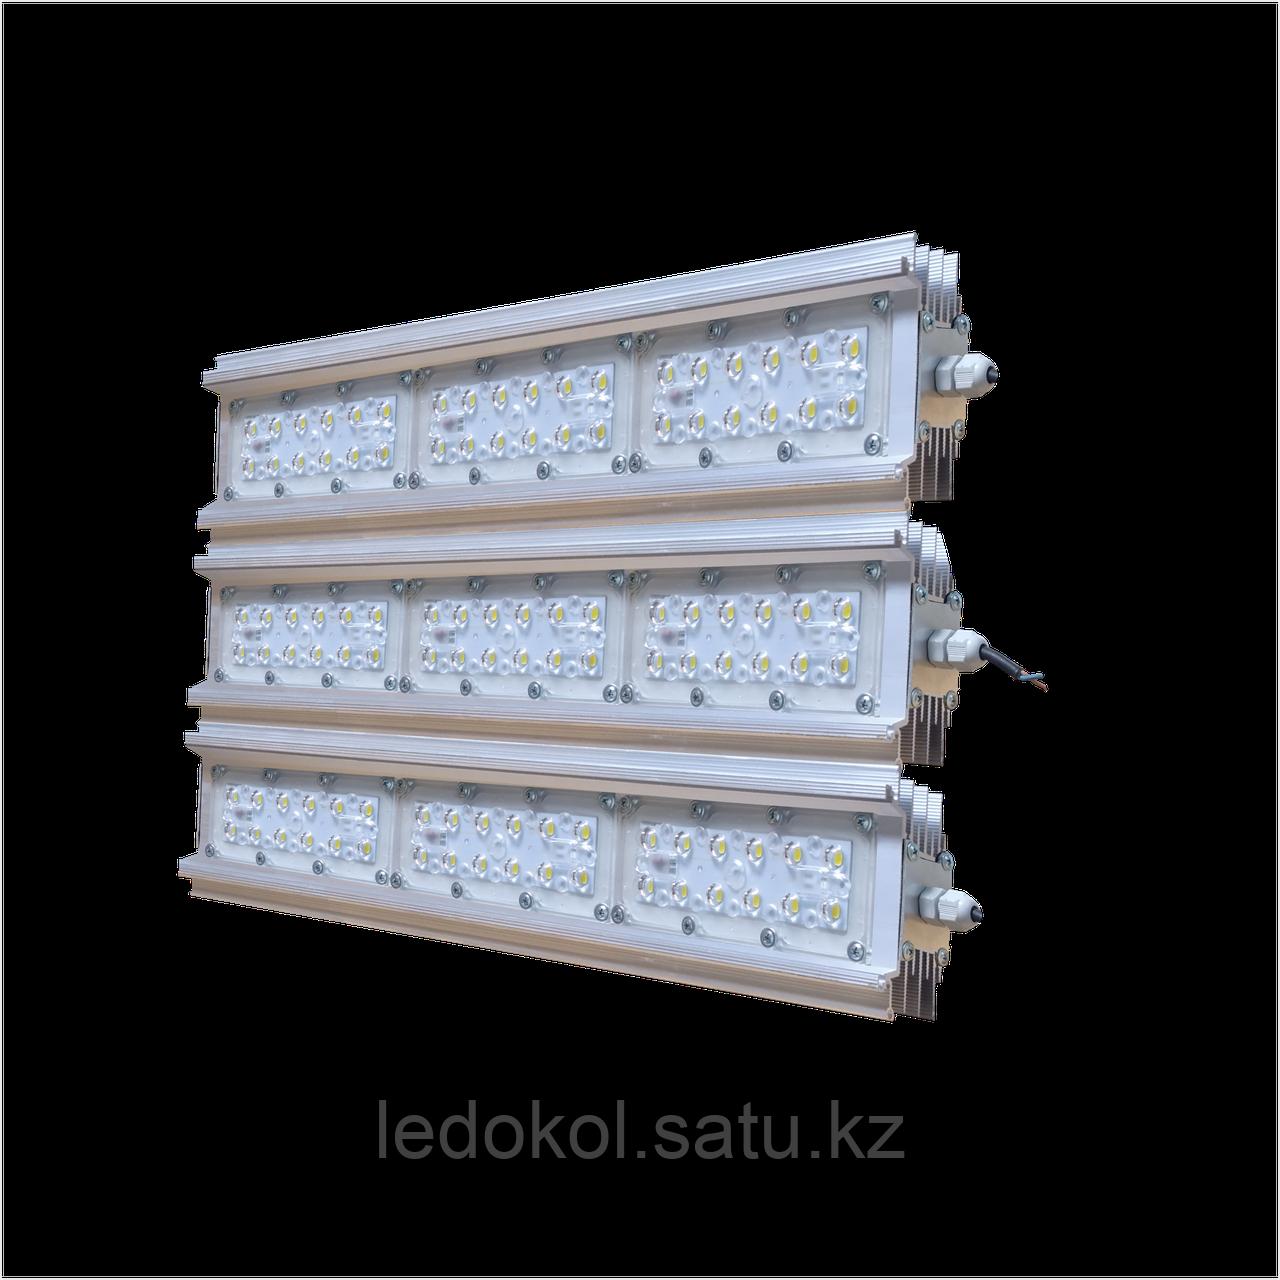 Светильник 225 Вт, Линзованный светодиодный